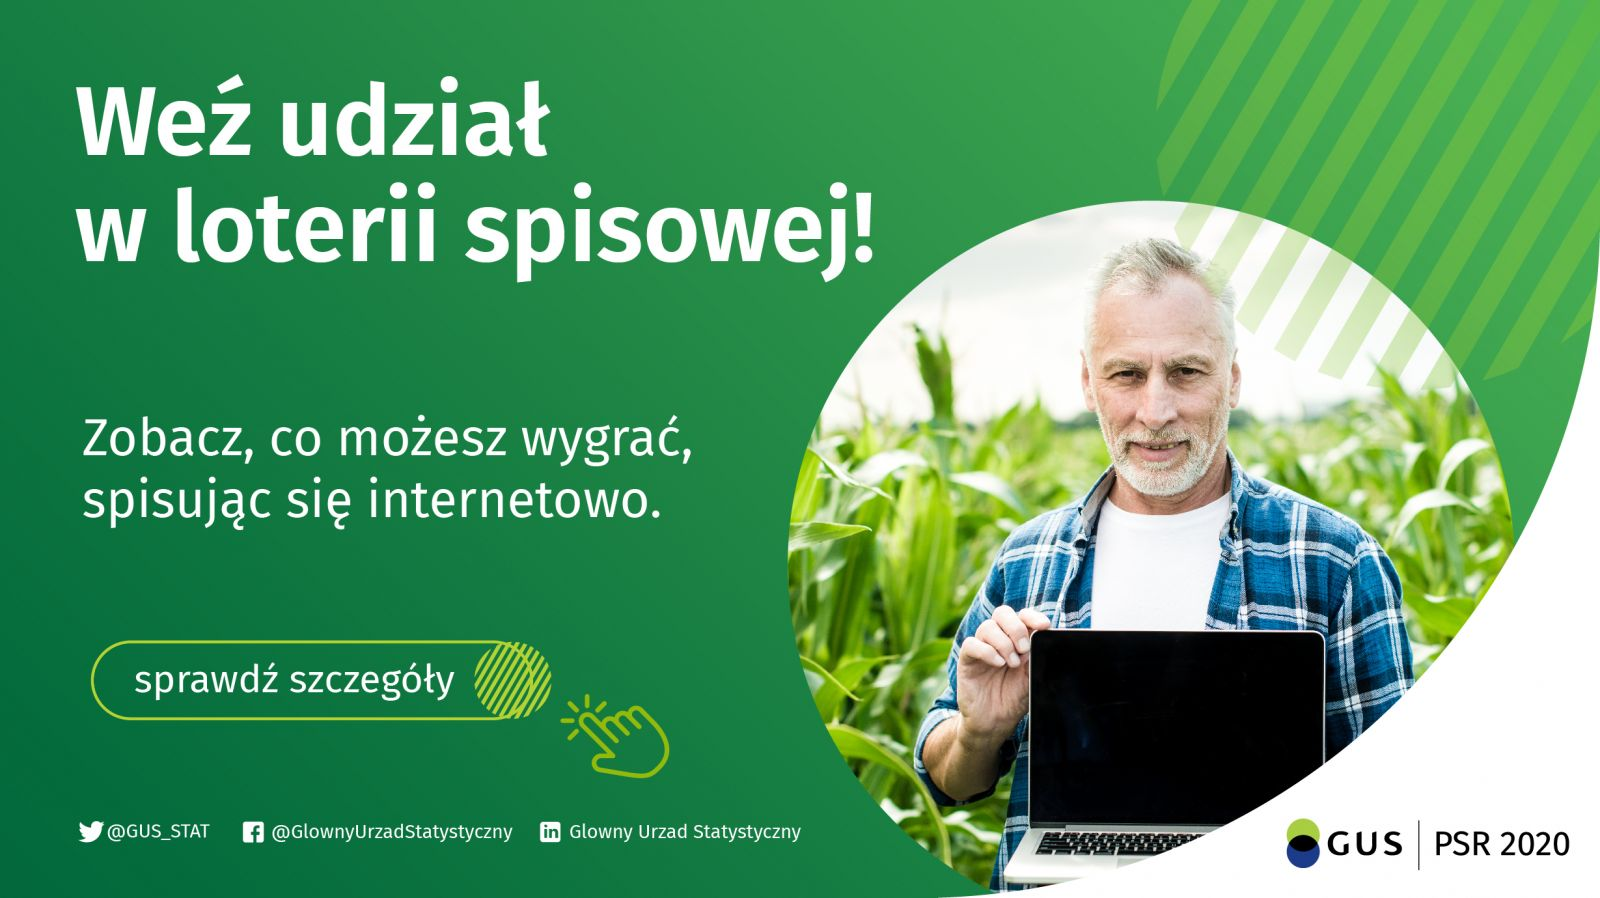 Plakat weź udział w loterii spisowej! Zobacz, co możesz wygrać spisując się internetowo